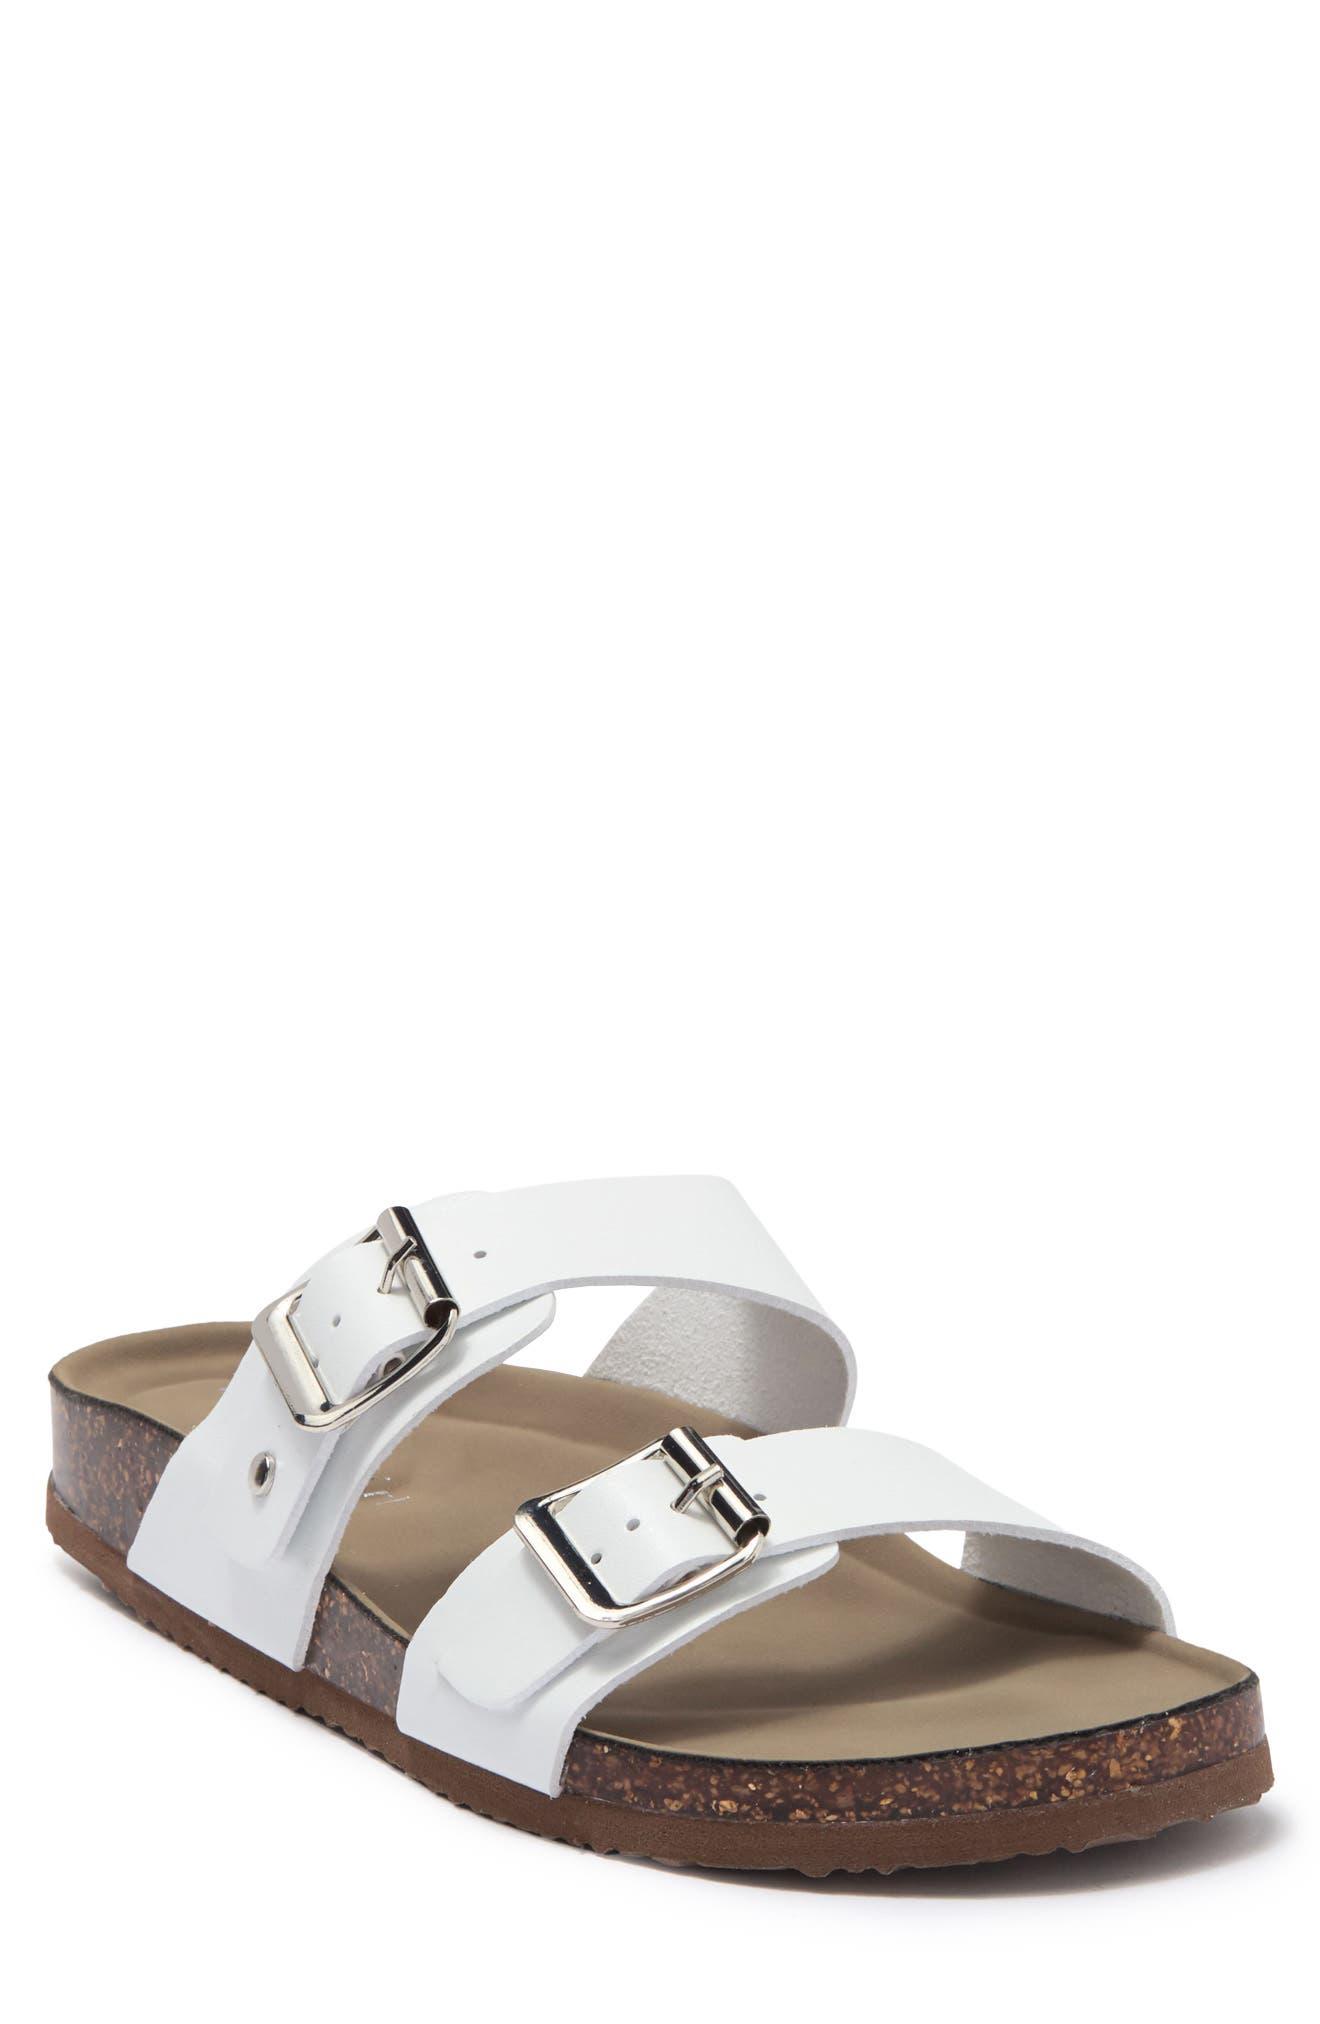 Image of Madden Girl Brando Slide Sandal